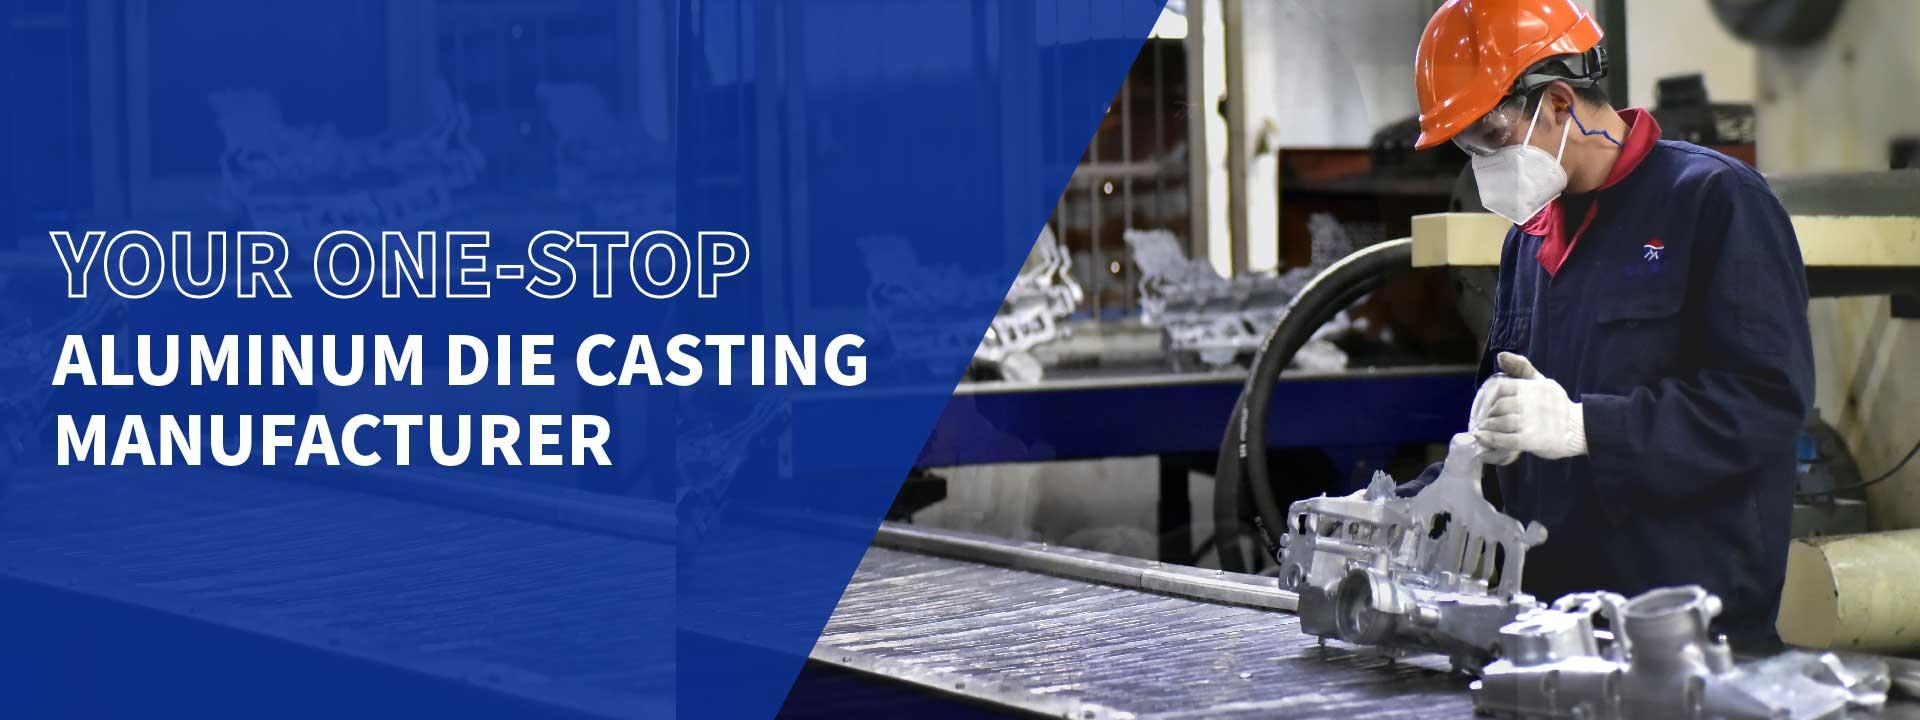 Aluminum-Die-Casting-service-banner